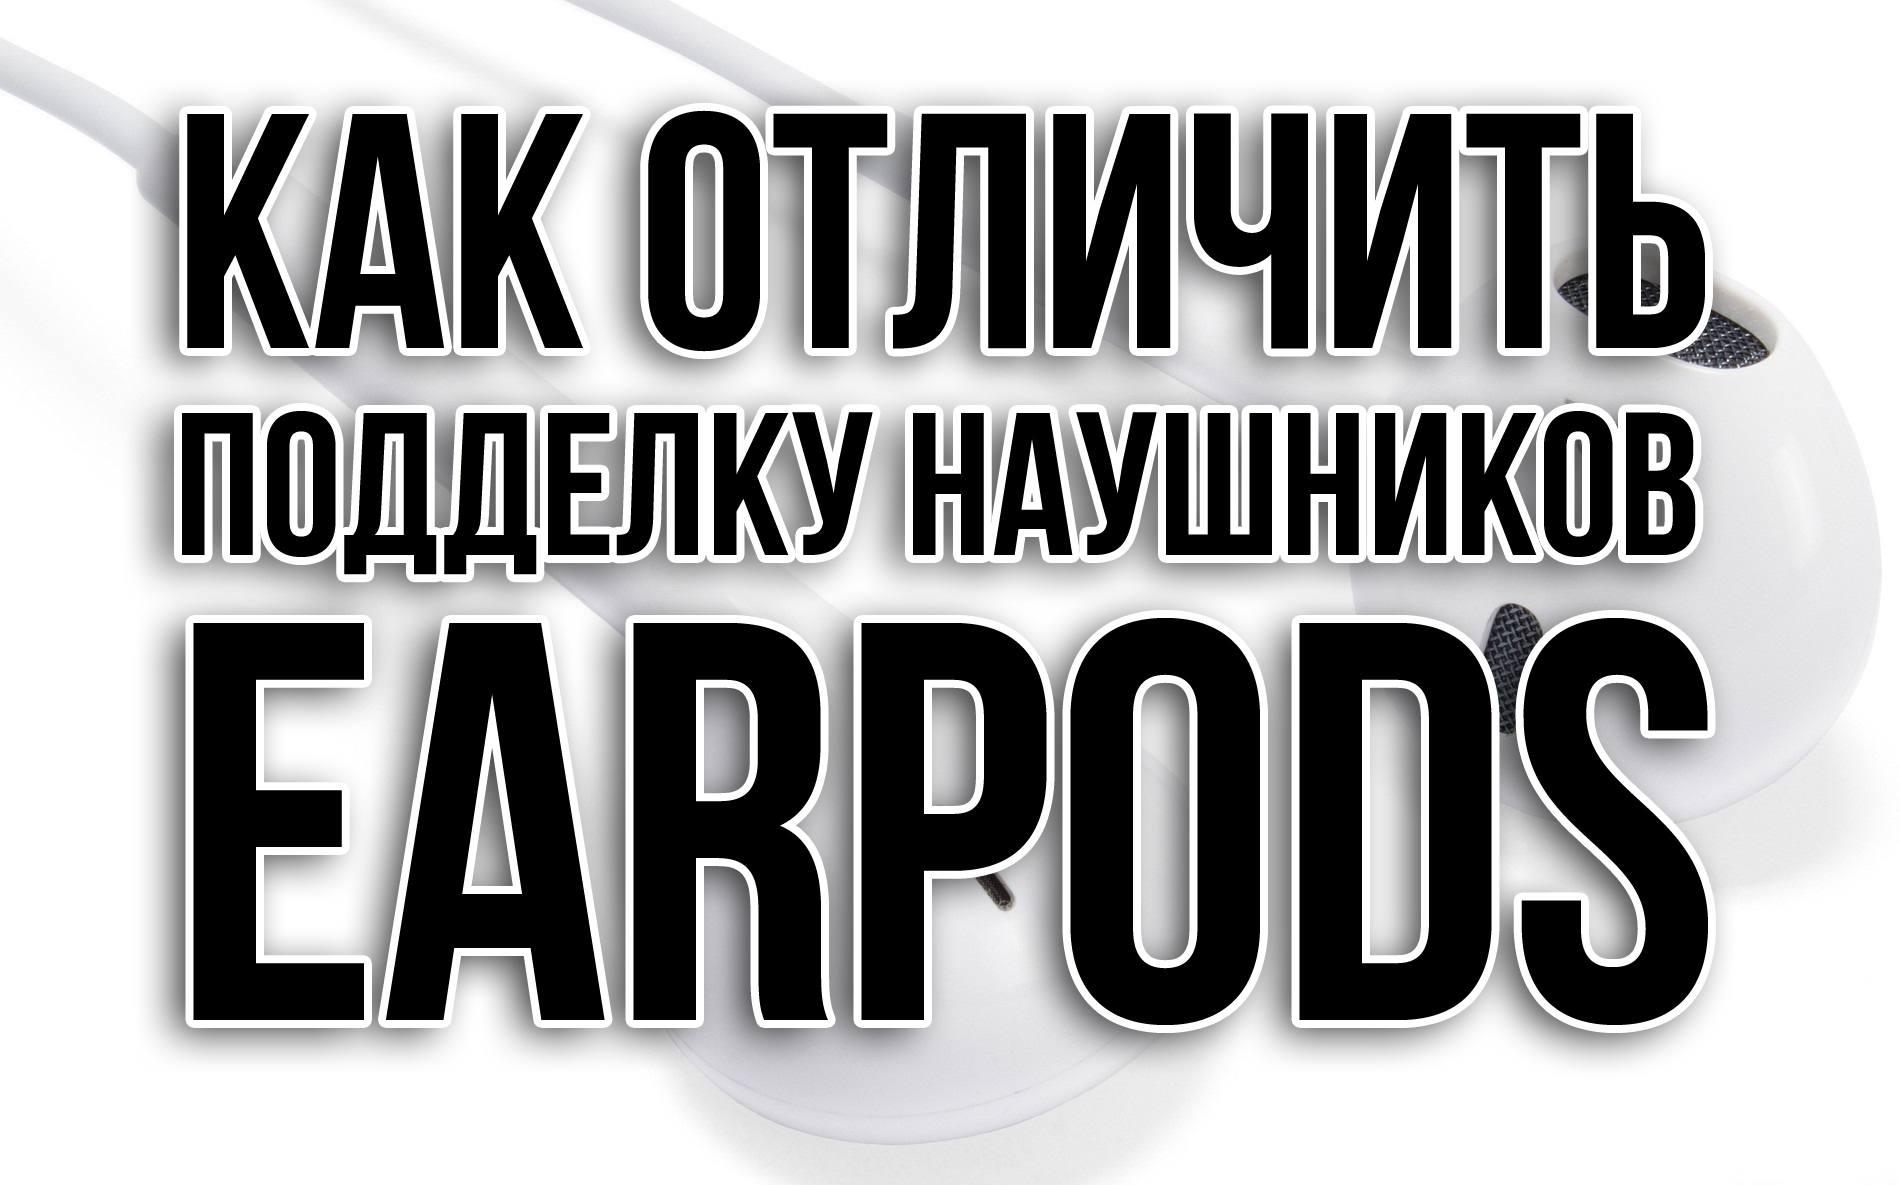 как отличить оригинал от подделки Наушники EarPods еарподс